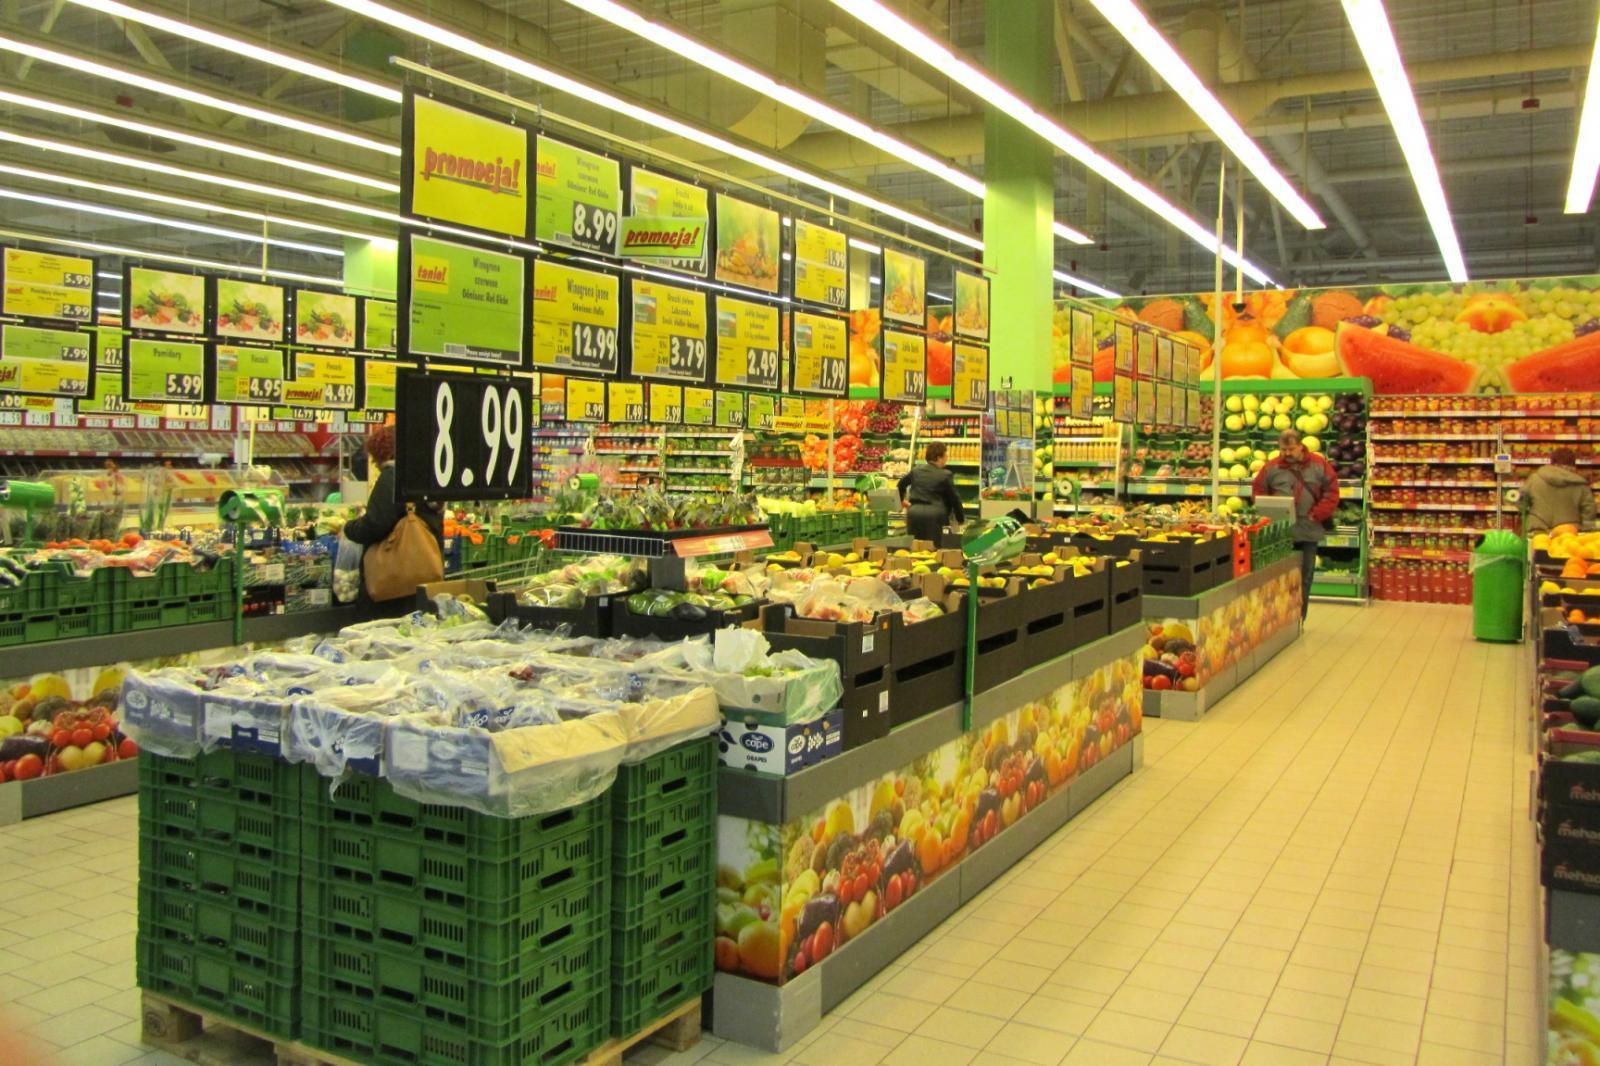 А в Польщі дешевше! Порівняння цін на продукти - Закупи в Польщі 700a11c6fb213